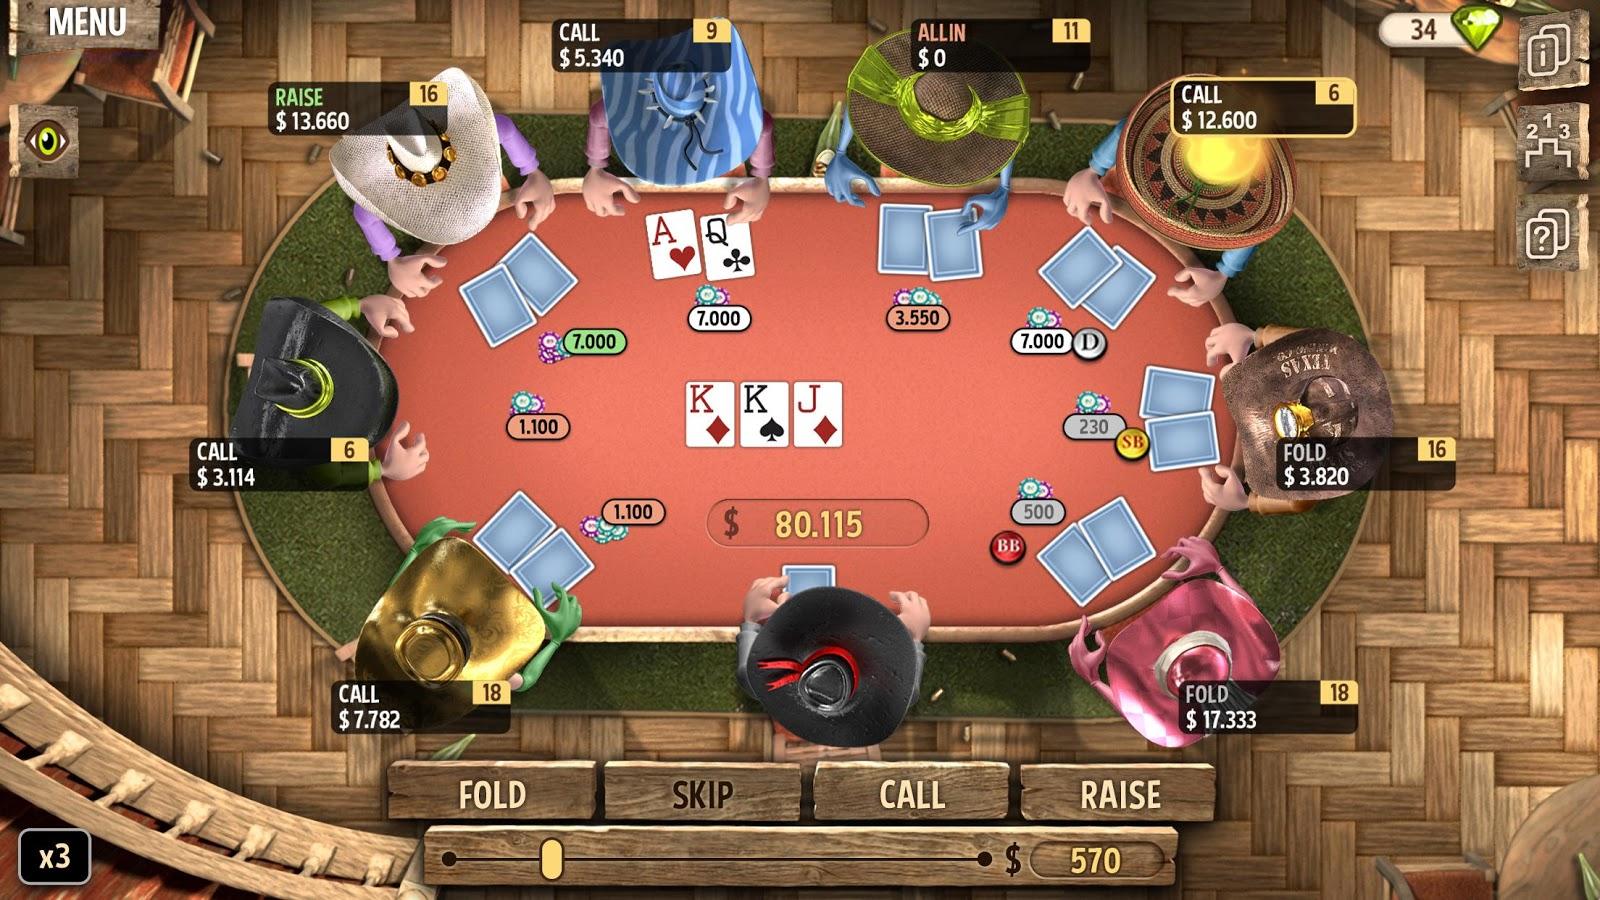 покер король покера 2 на русском языке играть онлайн бесплатно полная версия